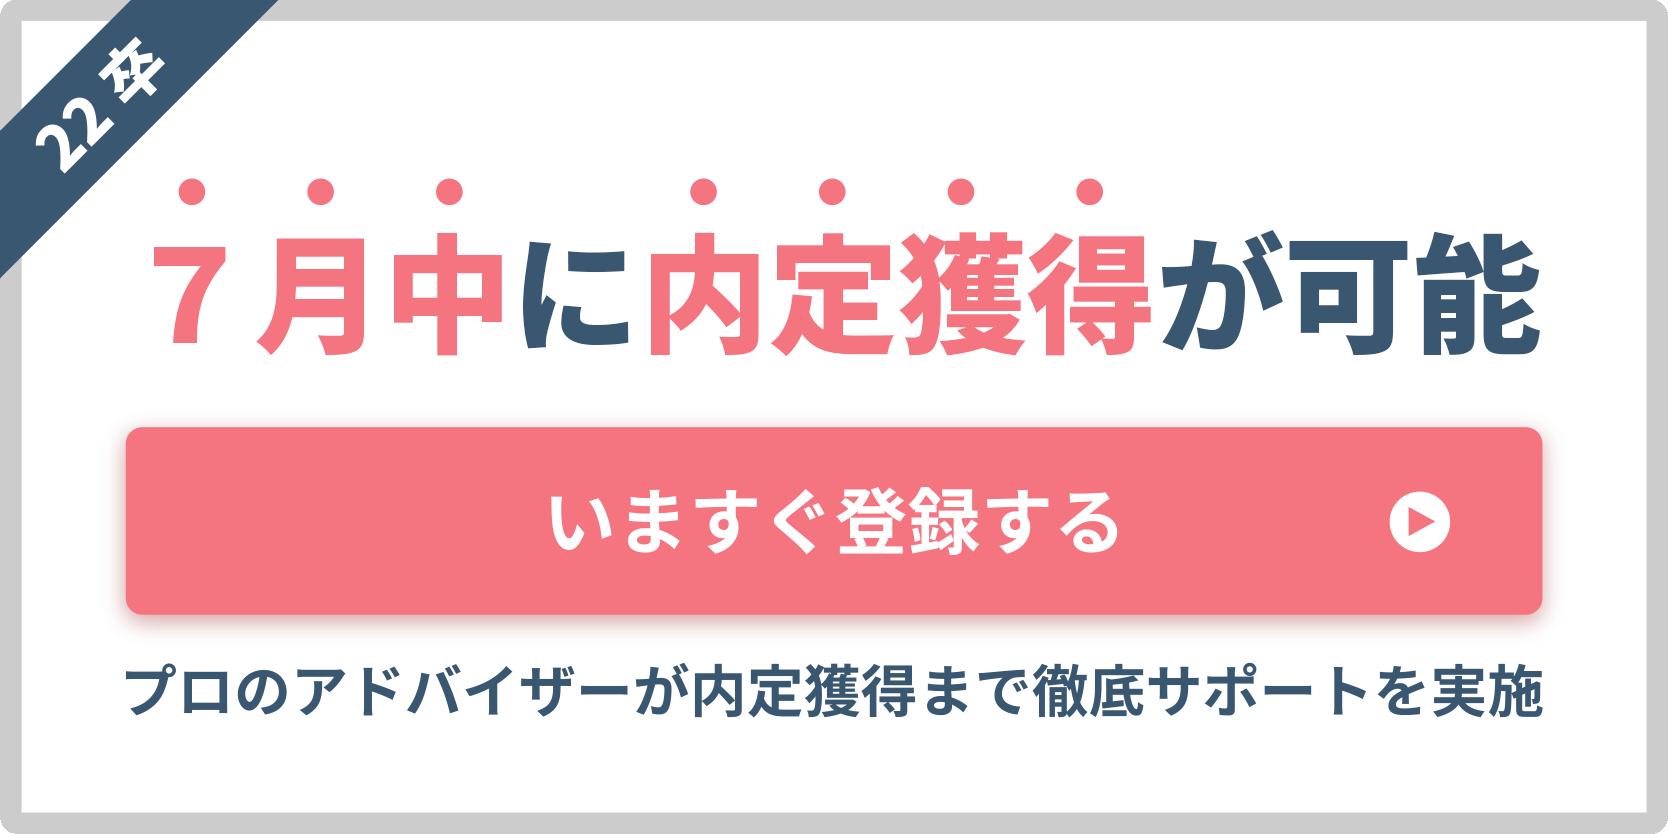 明治 安田 生命 適性 検査 内容